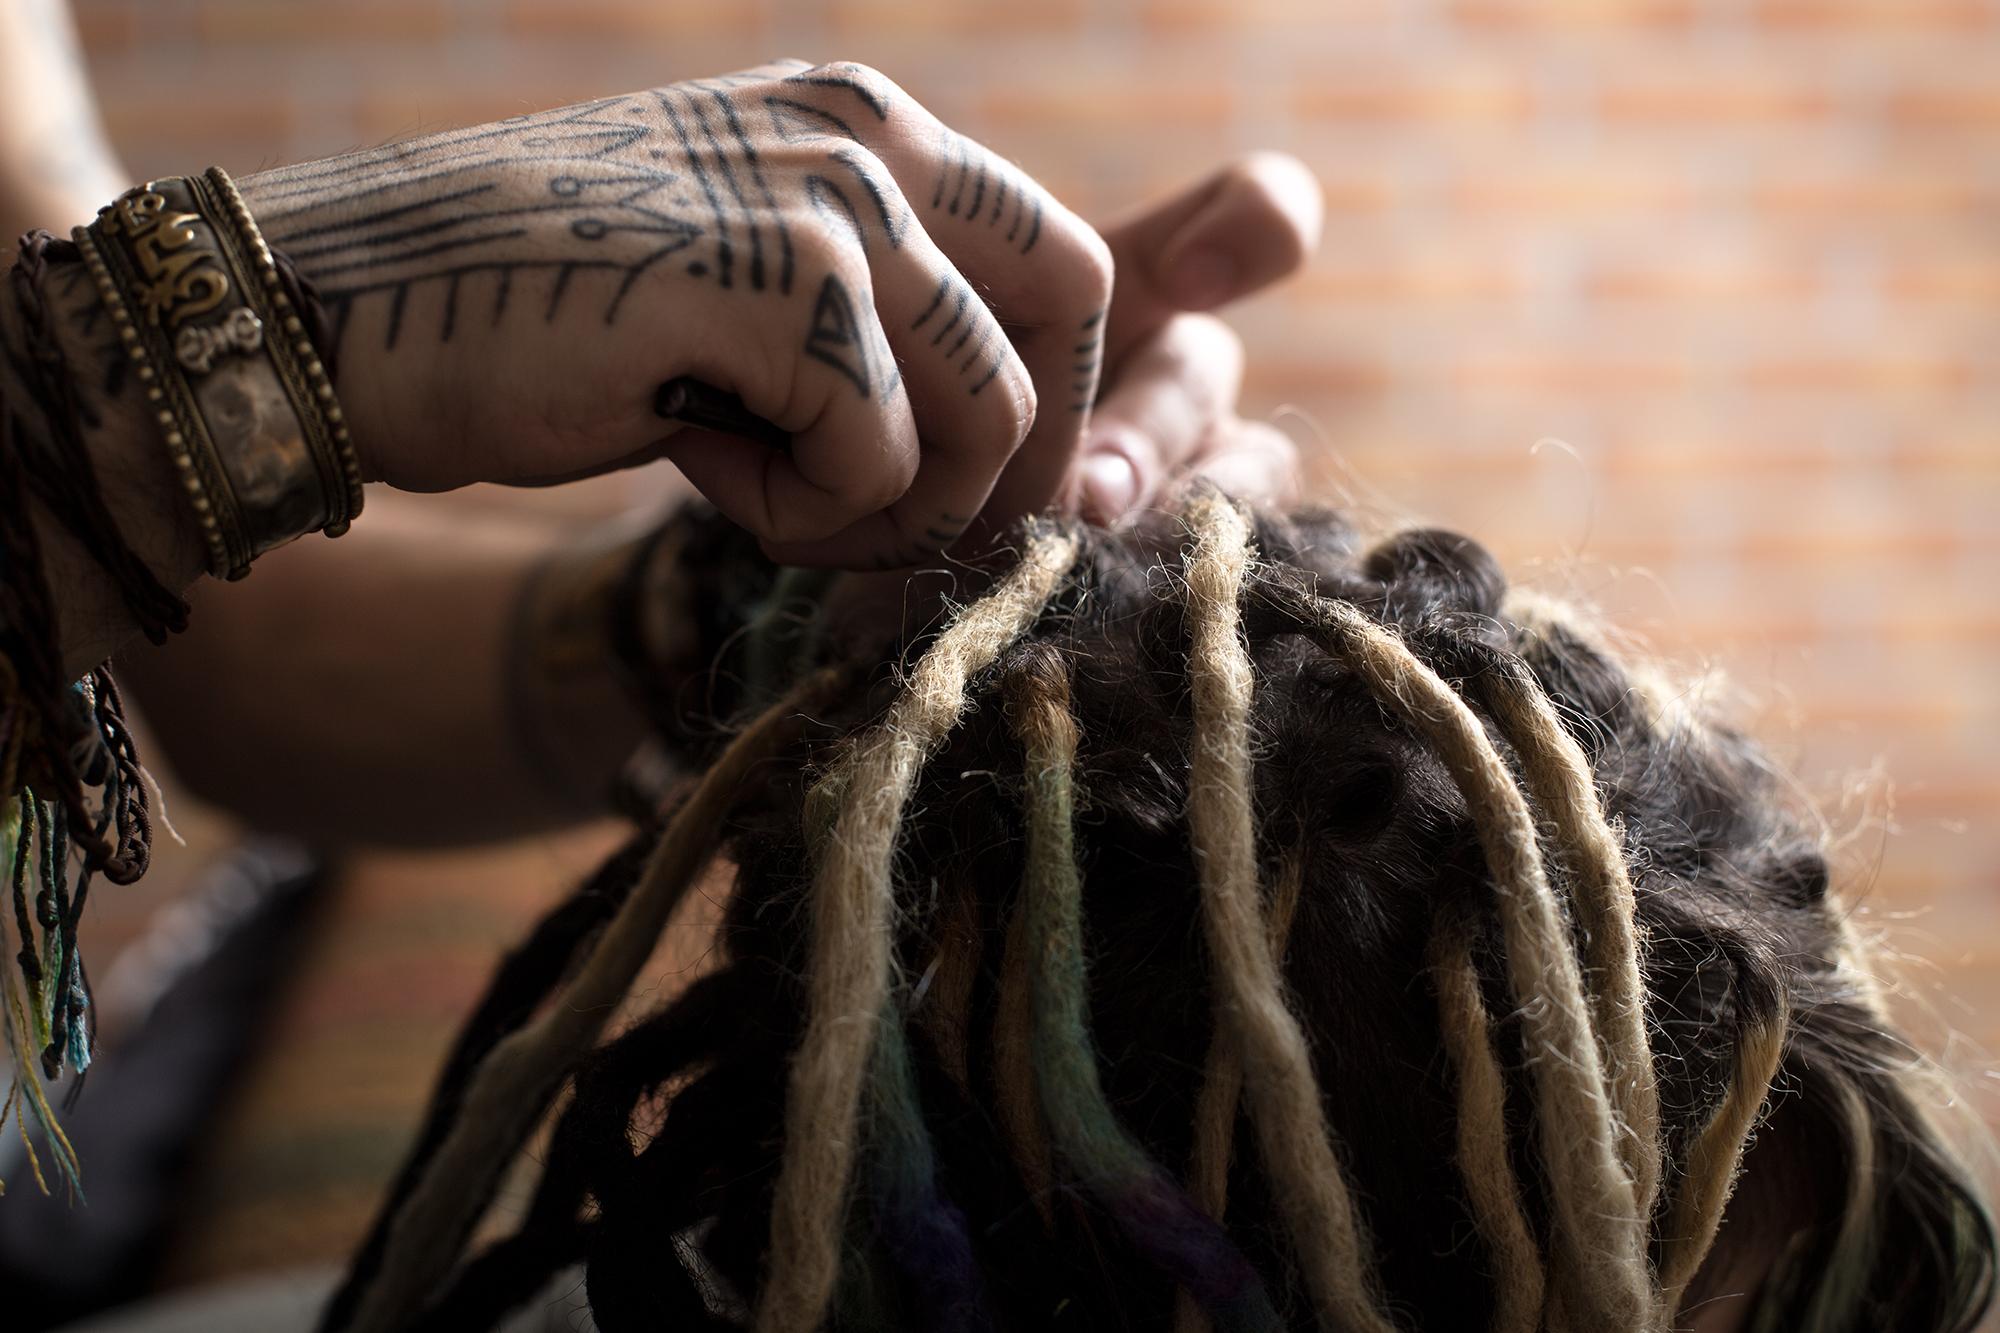 Dreadpflege Bei Mir Selbst Tipps Gatto Tribe Dreaderstellung